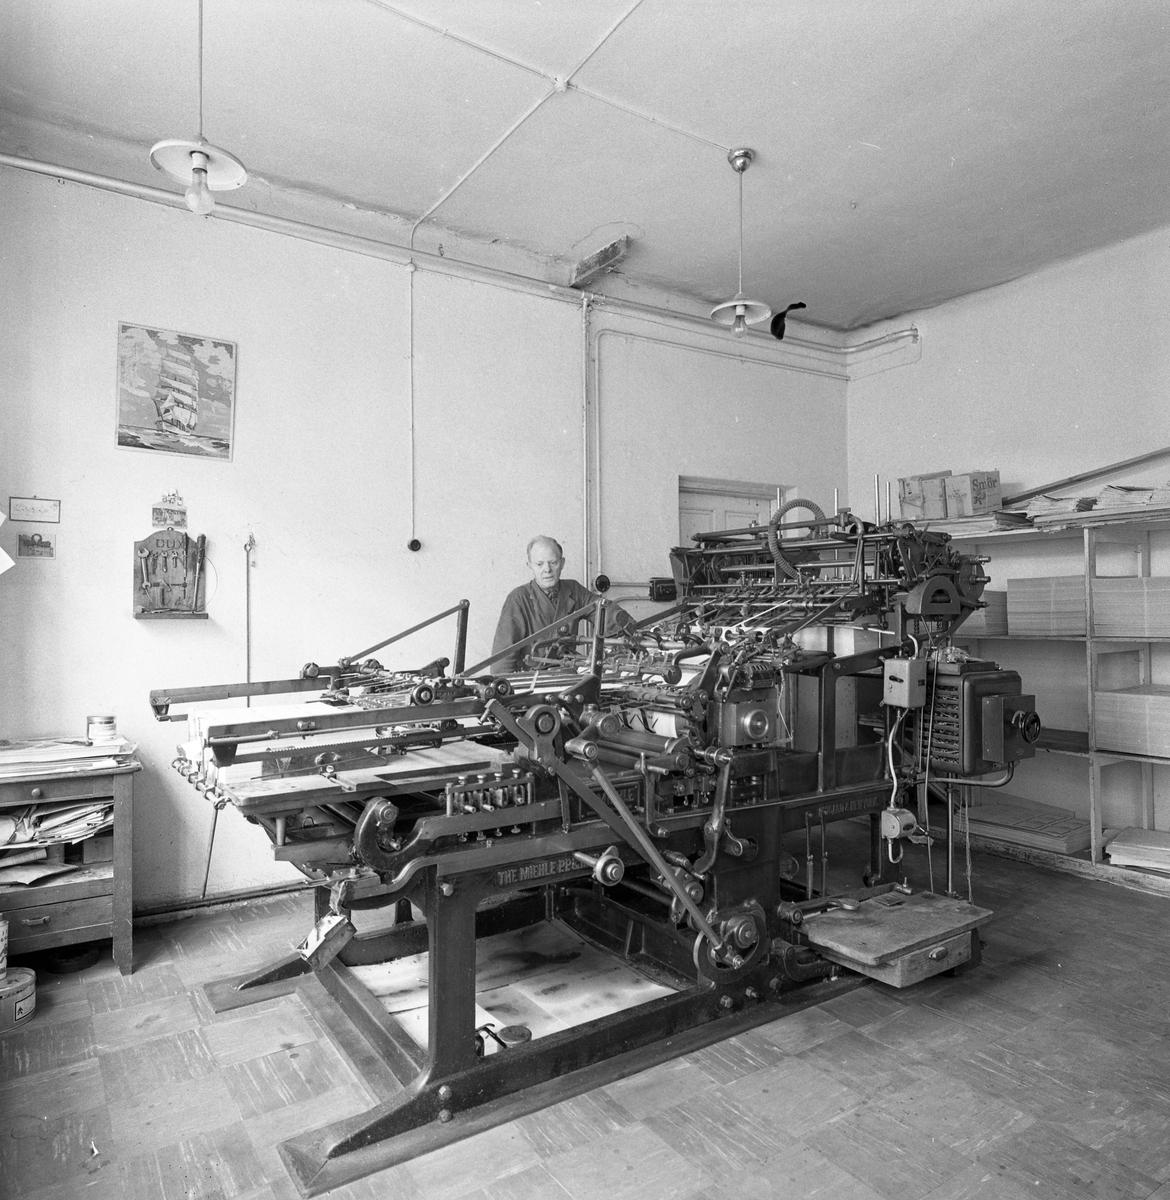 Arboga Boktryckeri, interiörbild från 1950-talet. En man, iklädd arbetsrock står bakom en stor maskin. En byrå till vänster och hyllor till höger.